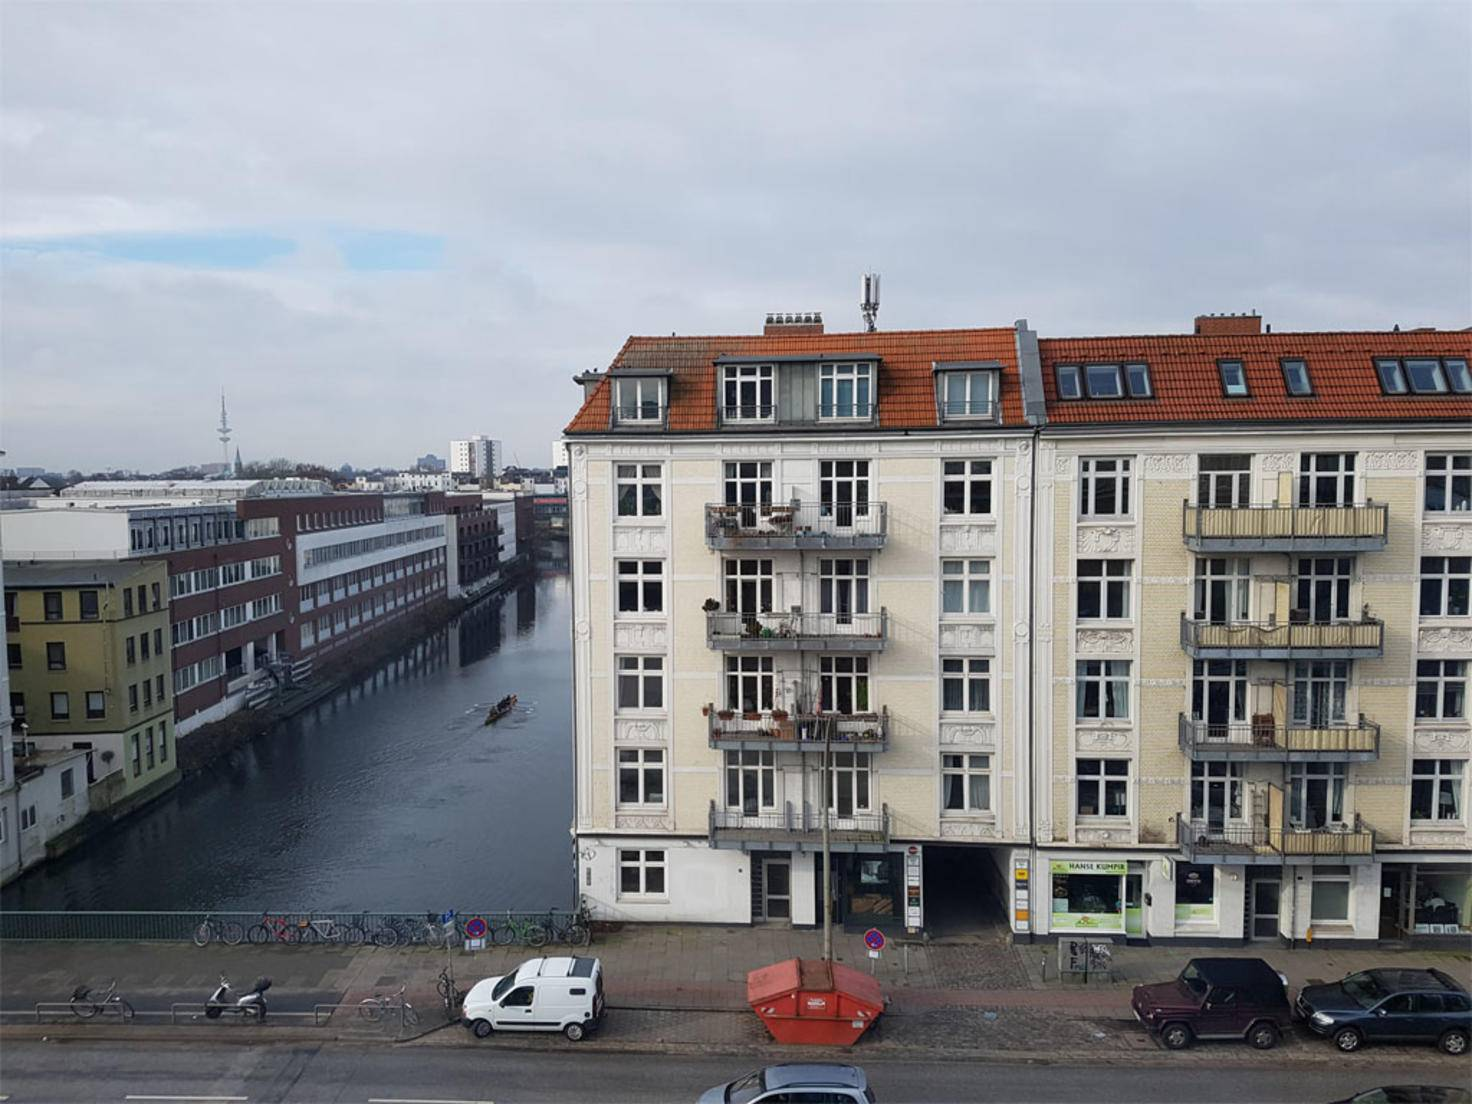 Selbst durch ein Fenster bei Hamburger Schmuddelwetter entstanden ansehnliche Aufnahmen.